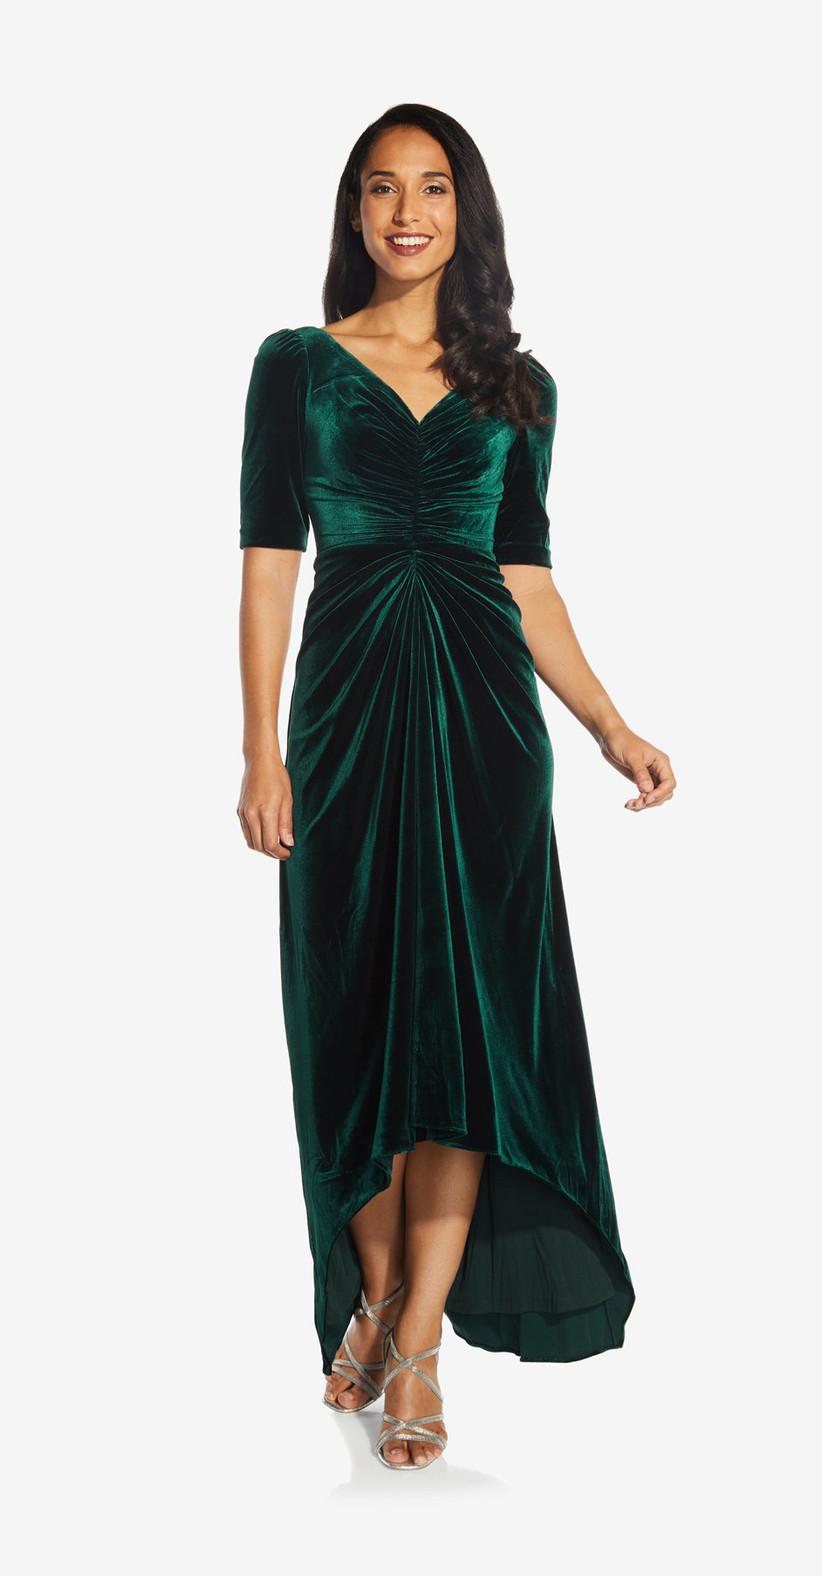 Velvet emerald formal fall wedding guest dress